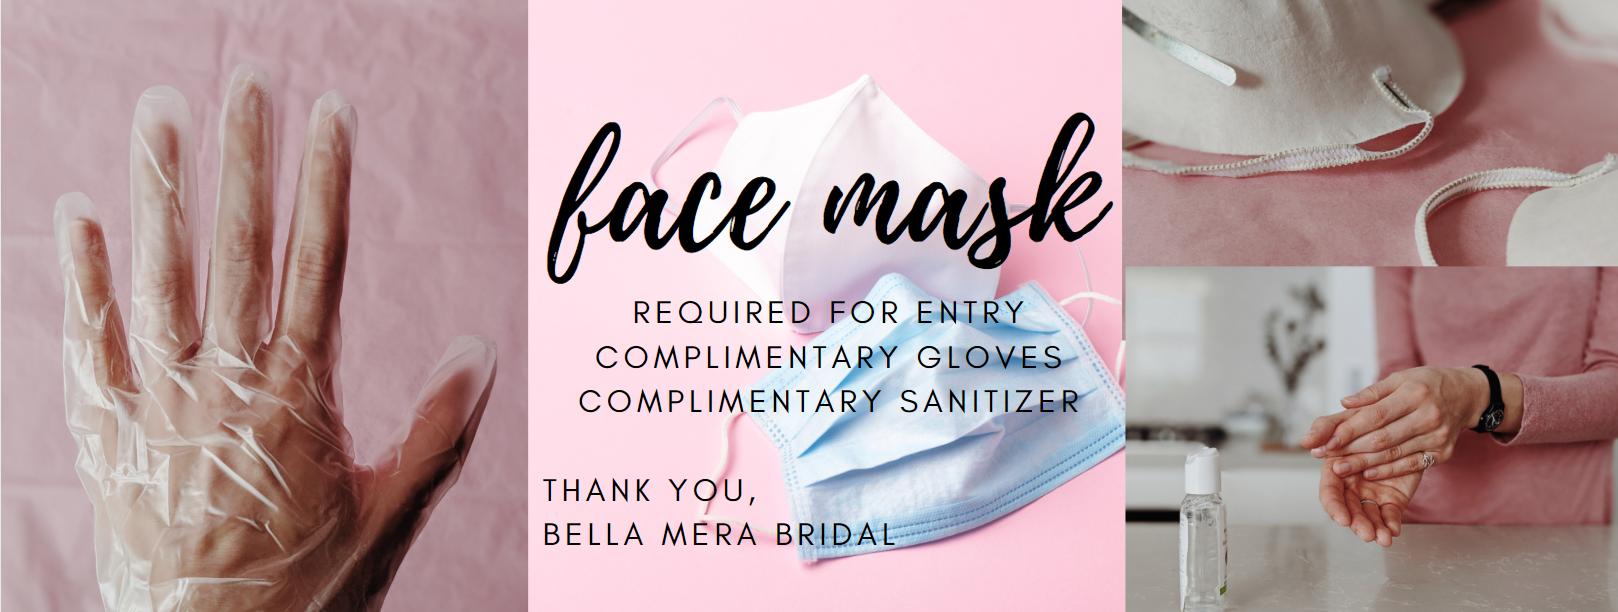 bella-mera-bridal-face-masks-and-gloves.png